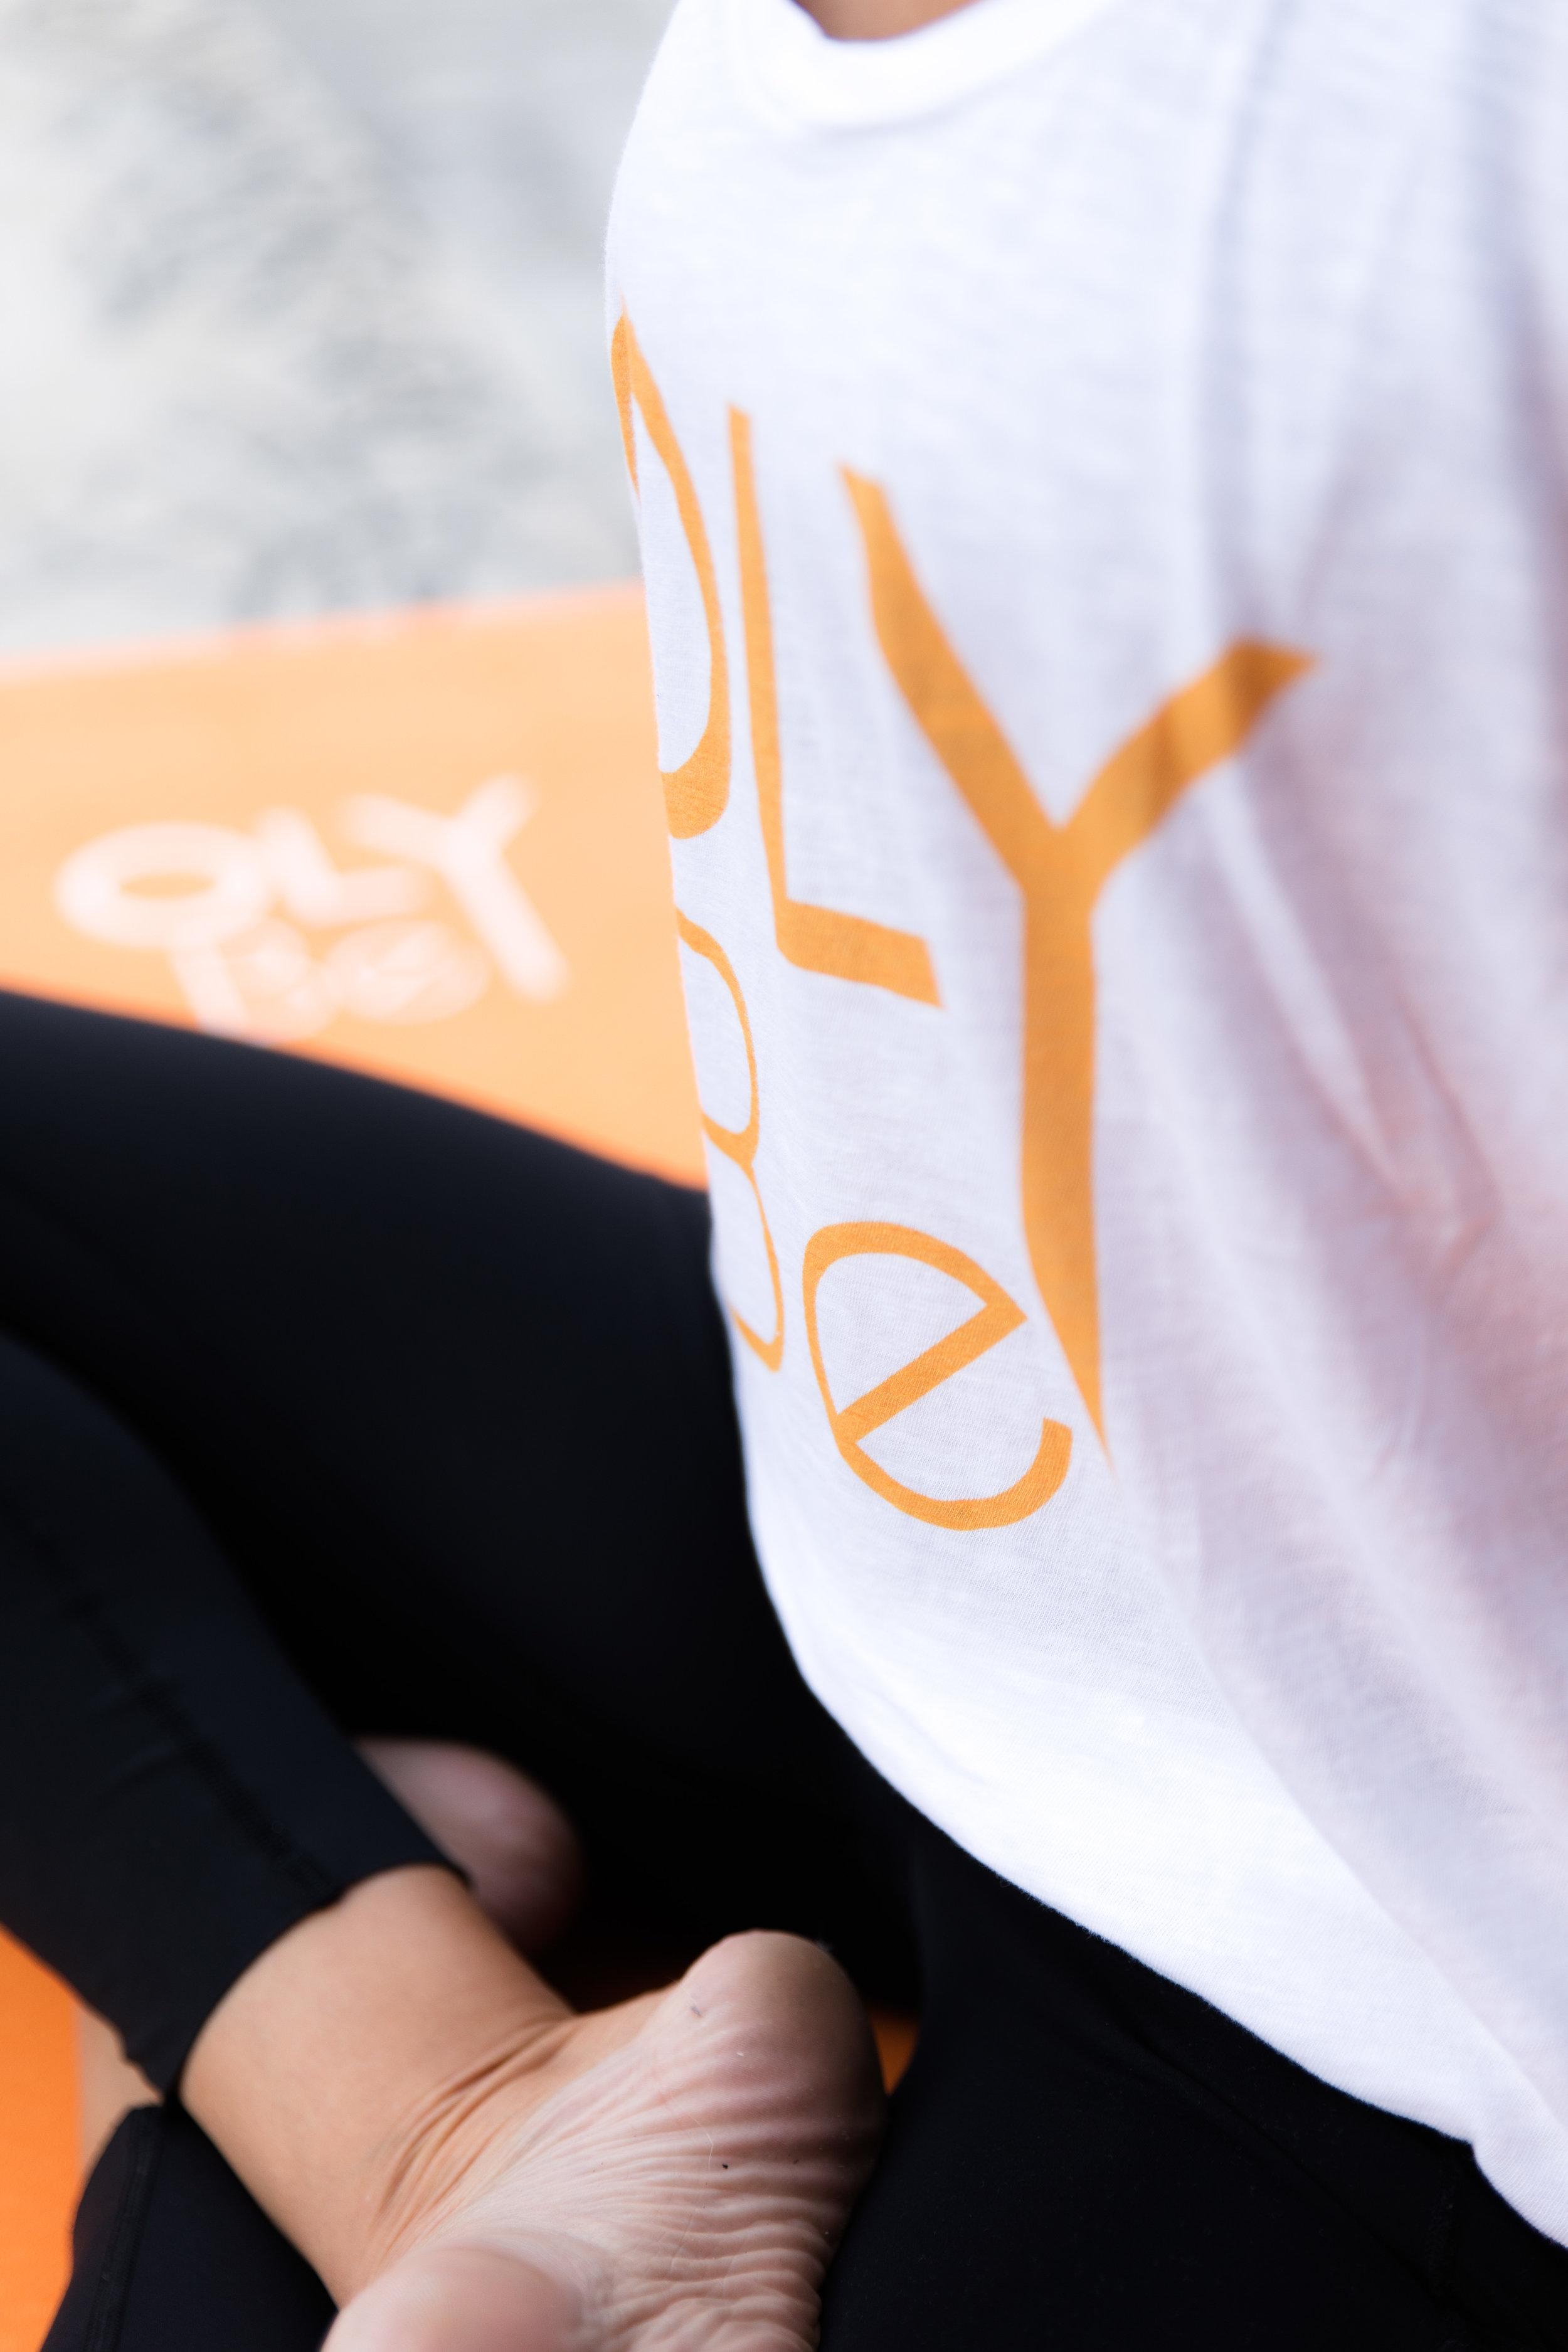 """Vous êtes débutant ? OLY Be est fait pour vous ! - Lorsque l'on débute le yoga ou le pilates, on est parfois un peu perdu dans l'offre de cours. Par quel cours démarrer ? Comment choisir le cours qui me conviendra en terme de difficulté et d'objectif ?Nous conseillons aux débutants de choisir les cours de Yoga Soft Energy ou de Yoga Cocooning pour leur première expérience yoga.Globalement, le mieux est de sélectionner les cours indiqués comme étant """"tous niveaux"""" dans notre offre de cours.💥 OFFRE SPÉCIALE POUR DÉMARRER💥Le pack découverte """"3 cours en 21 jours""""Tarif : 25€ soit 8,3€/cours3 cours à réaliser en 3 semaines combinés à un suivi et des conseils personnalisés pour vous guider dans vos premiers pas de OLY Bees !"""